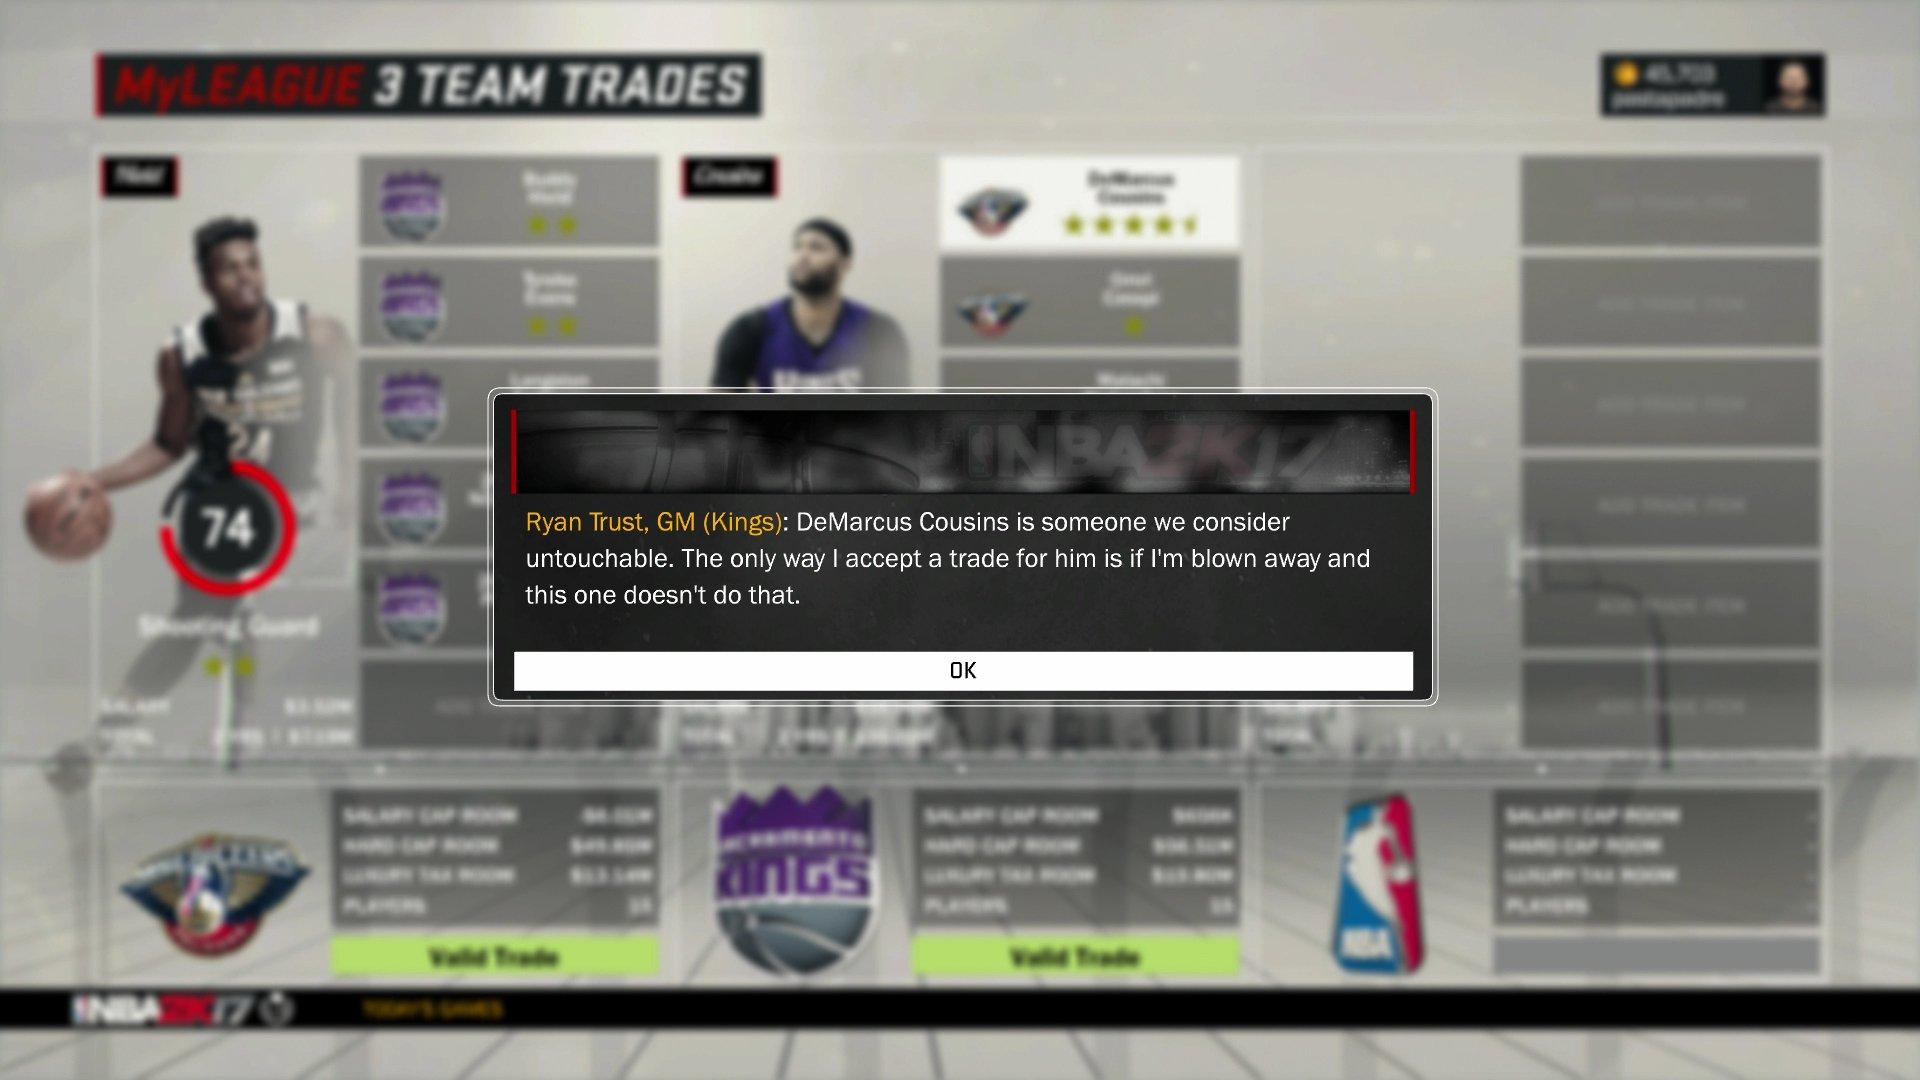 Même dans NBA 2K17 le trade de DeMarcus Cousins est irréaliste